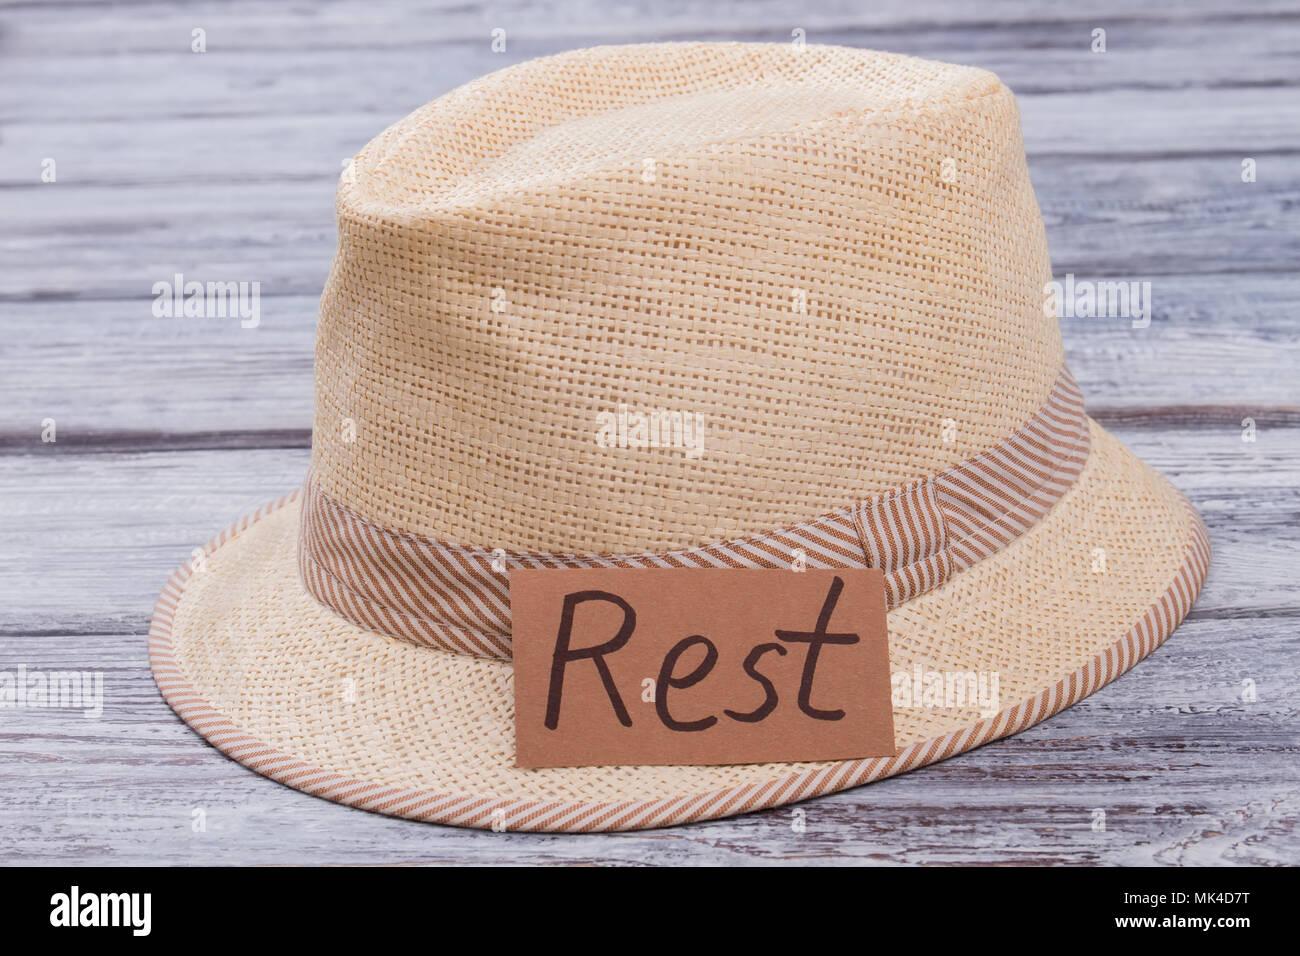 Beige straw hat for rest on the beach. Dark wooden desk surface background. 1f6378d2dd35